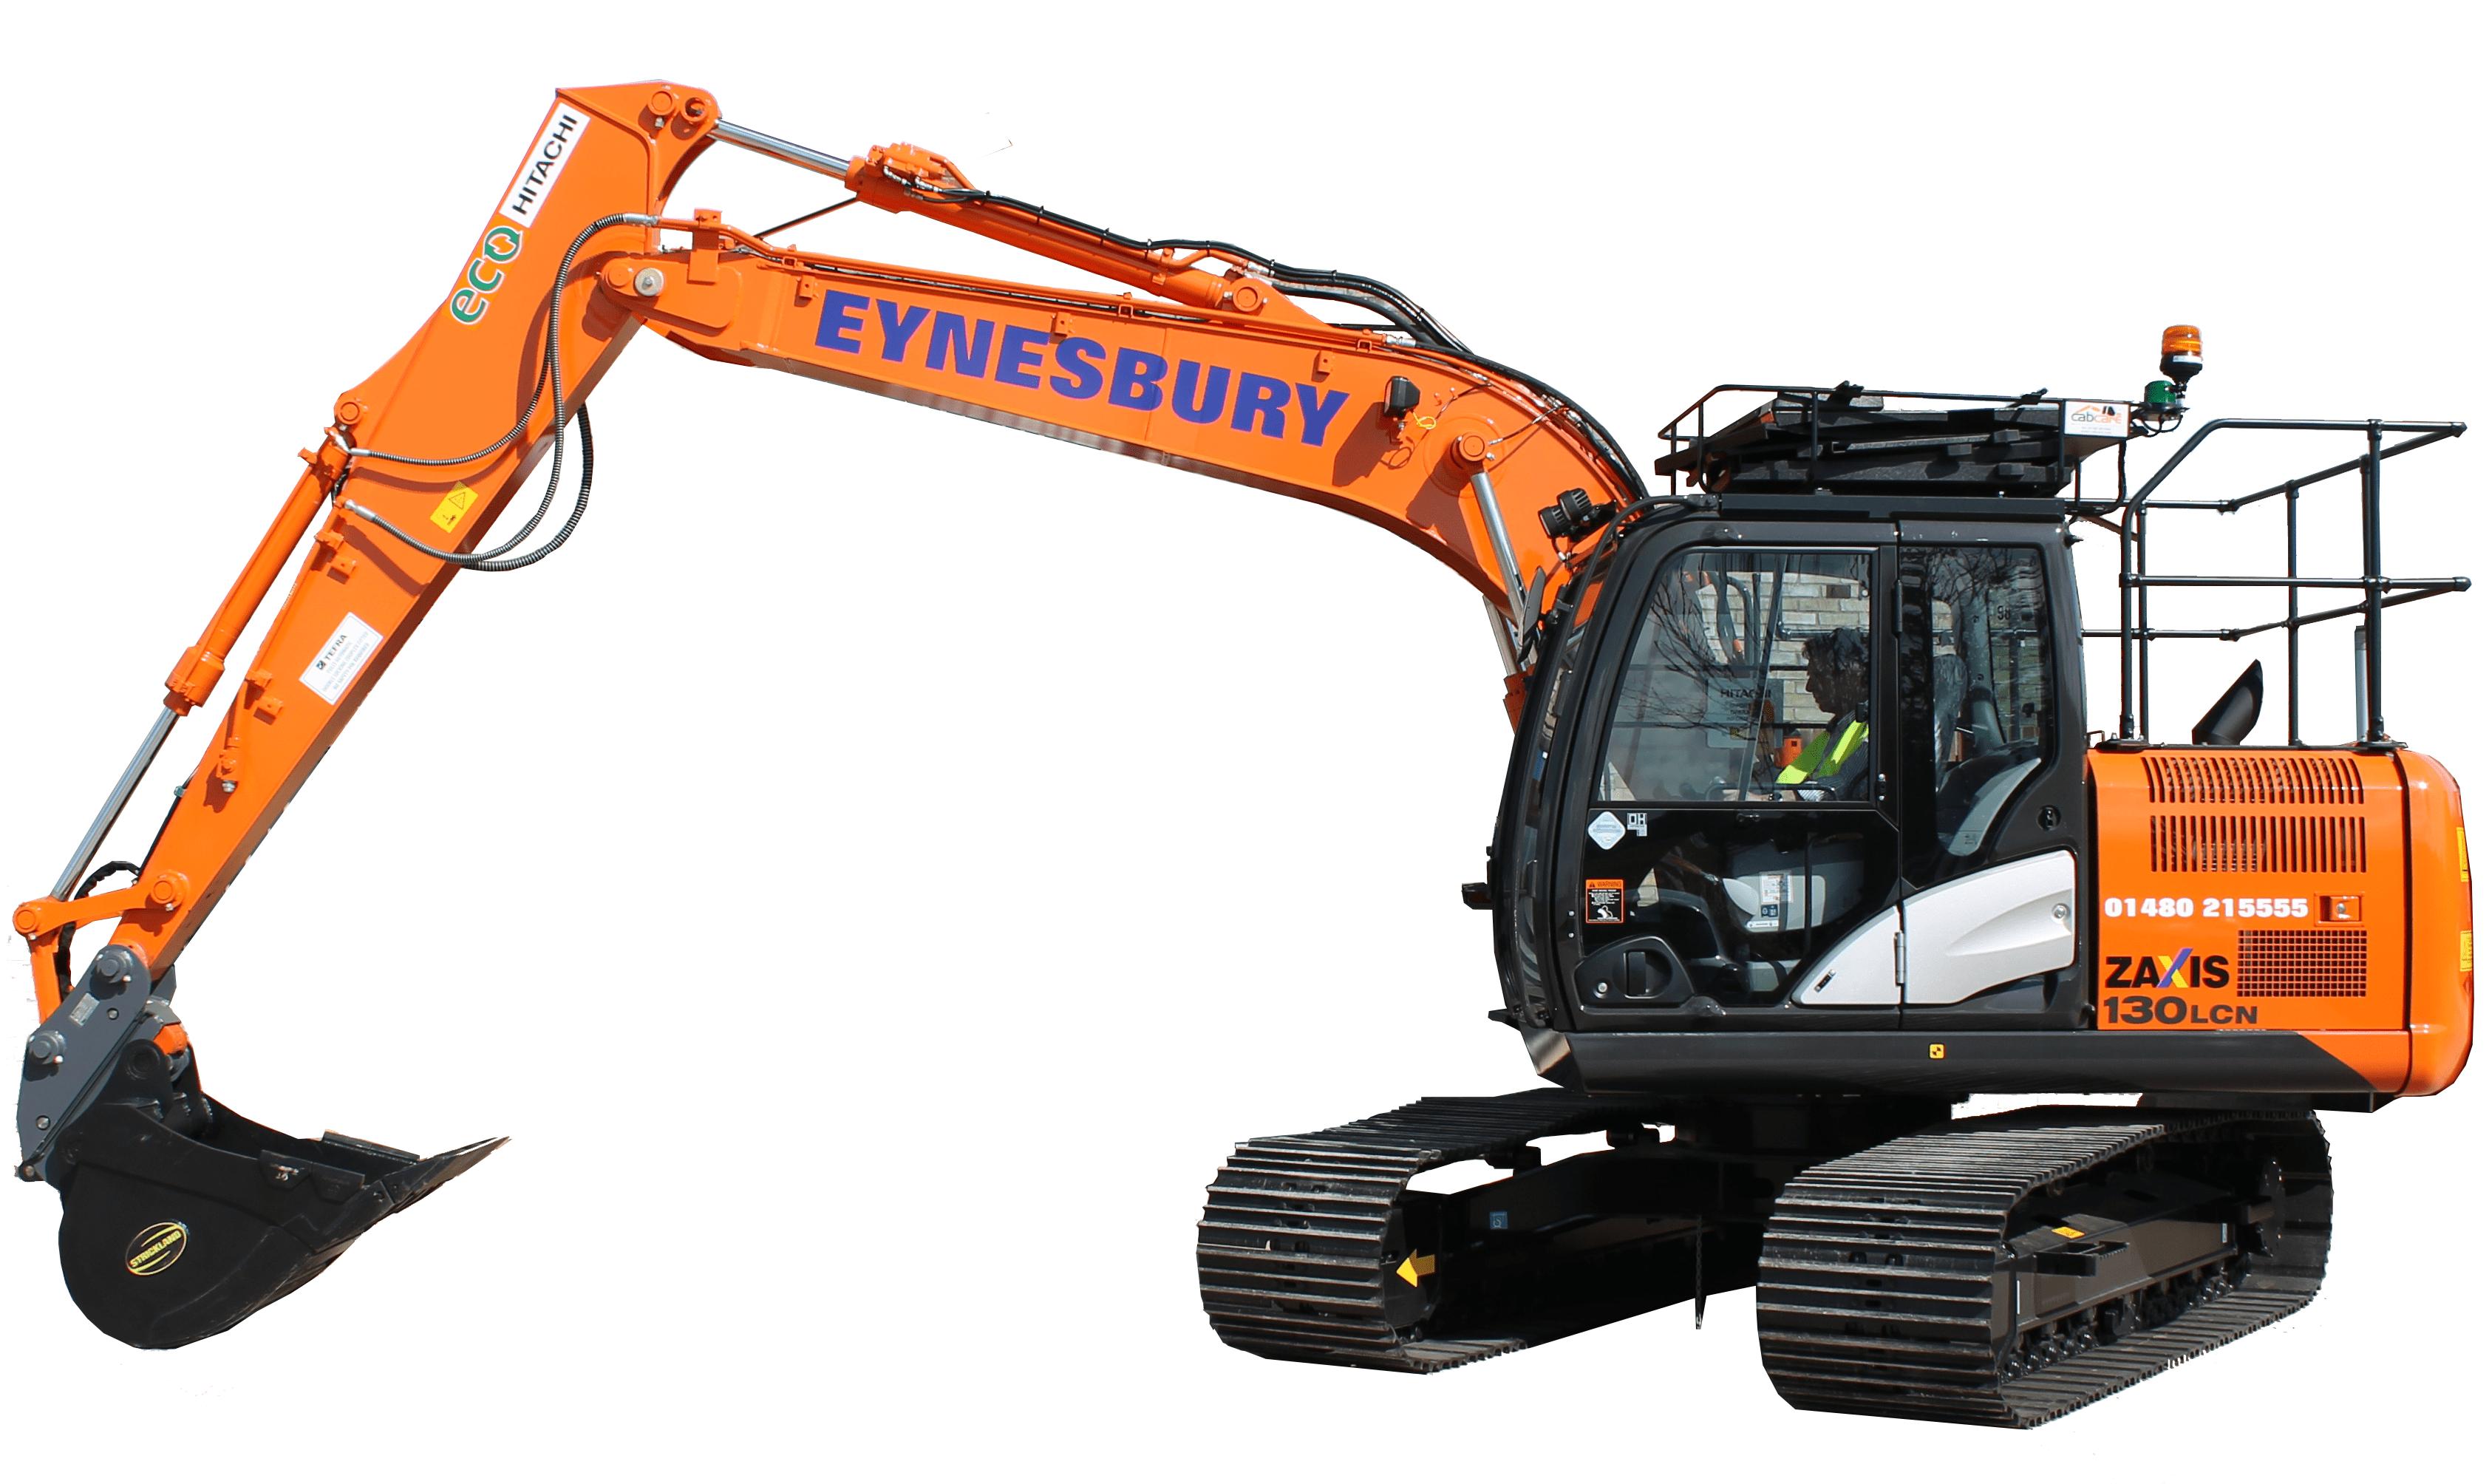 hitatchi-14-ton-excavator